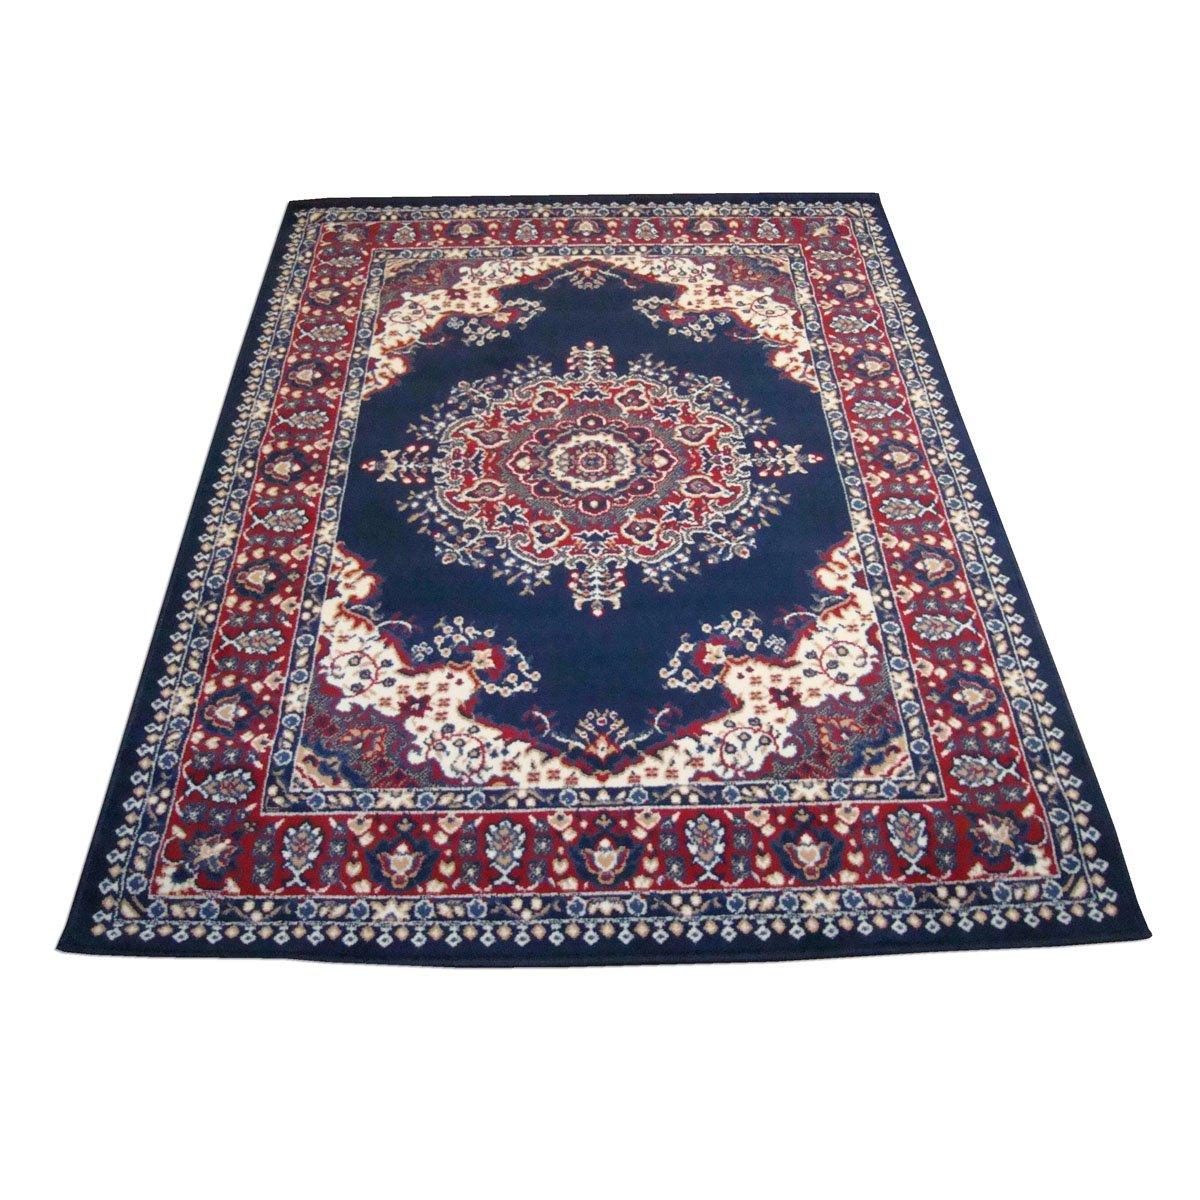 WEBTAPPETI Klassisch Teppich Orient Top Preis Guenstig Teppich PERSIAN 4480-BLU cm.180x270